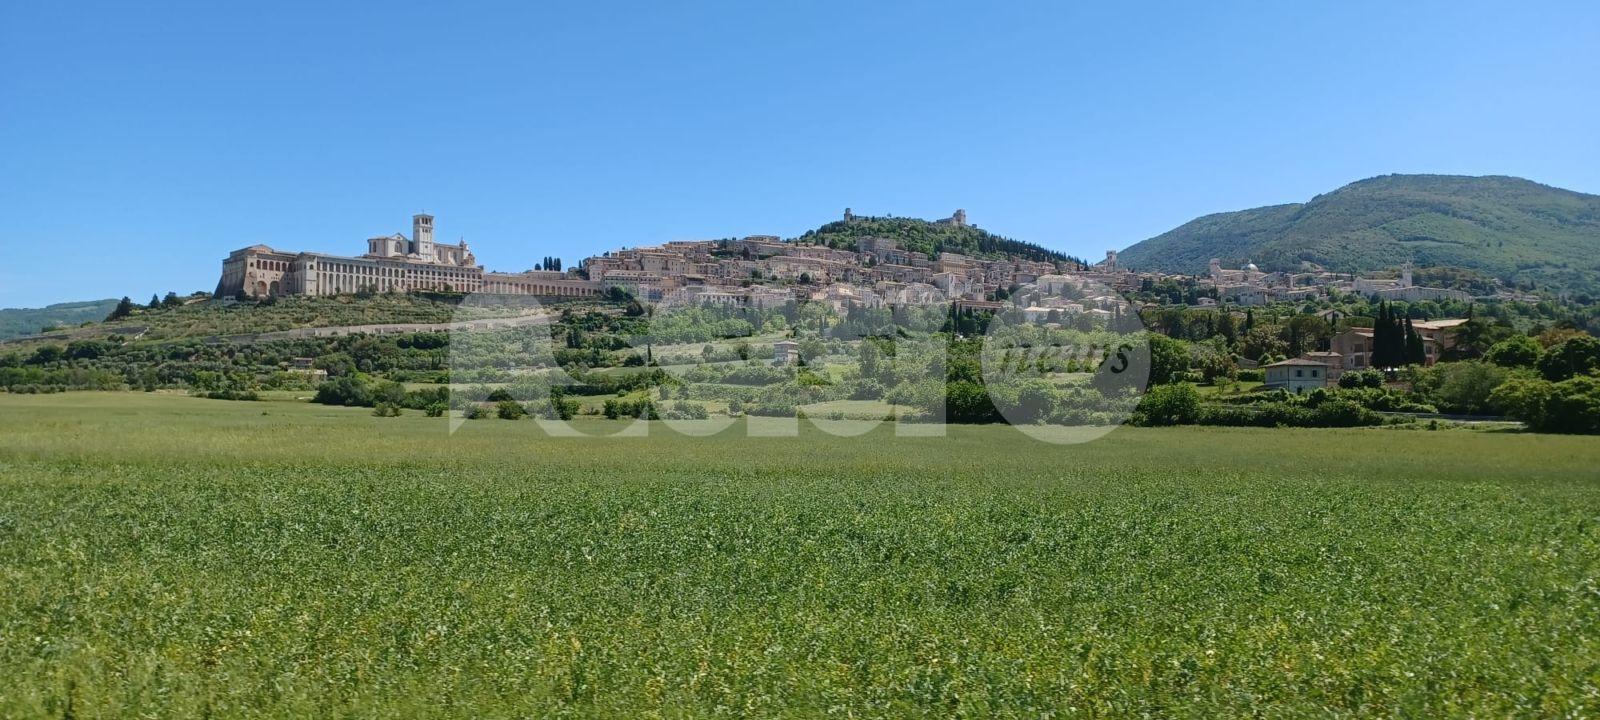 Quale Assisi?, conversazione online dell'associazione Costruire il futuro